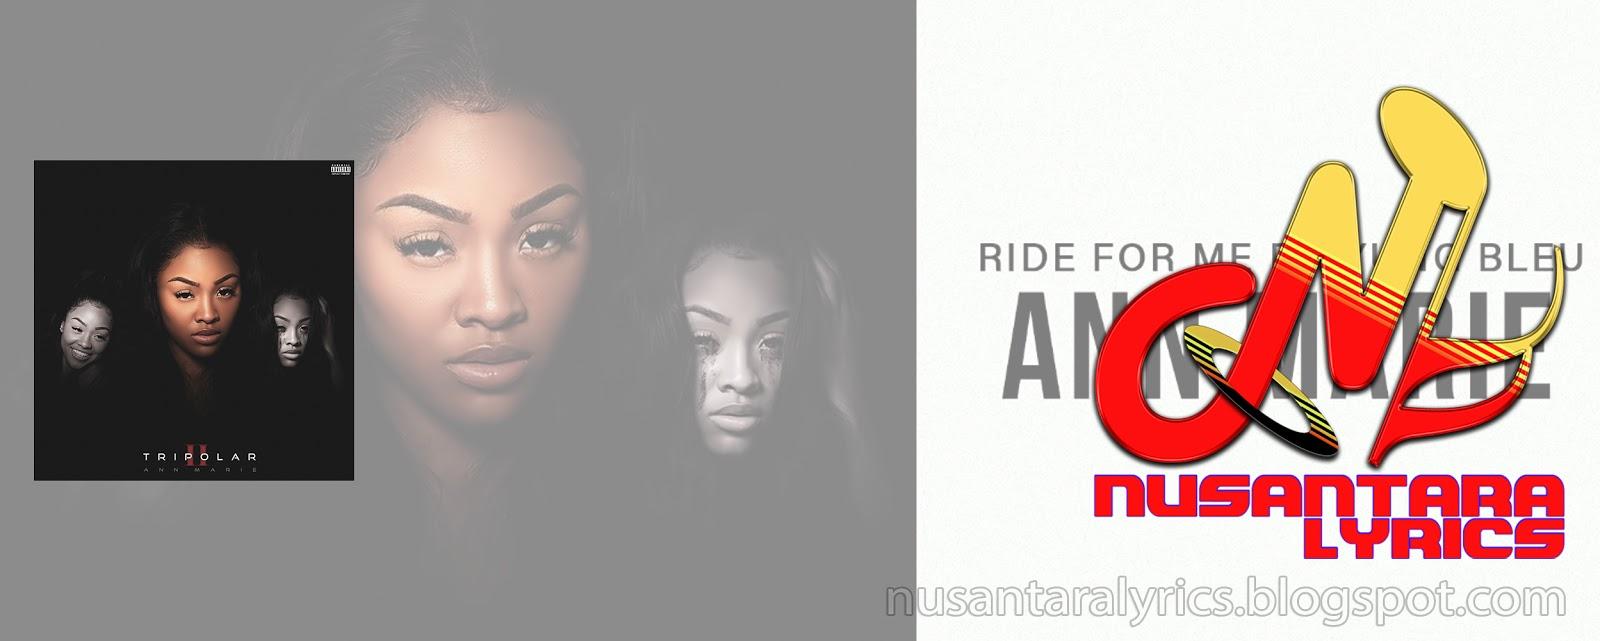 Ann Marie feat Yung Bleu - Ride for Me - Nusantara Lyrics